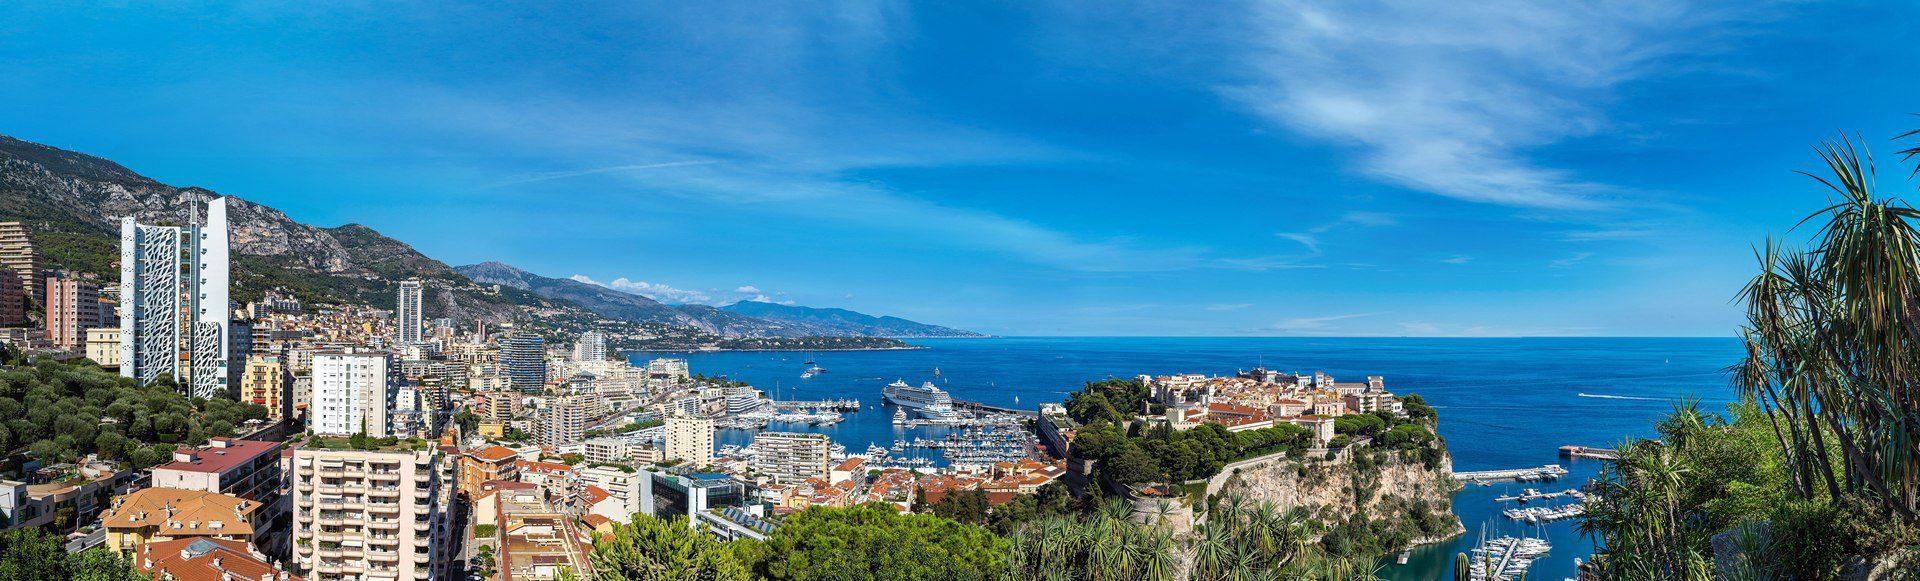 Русское такси в Монако, экскурсии по Лазурному берегу